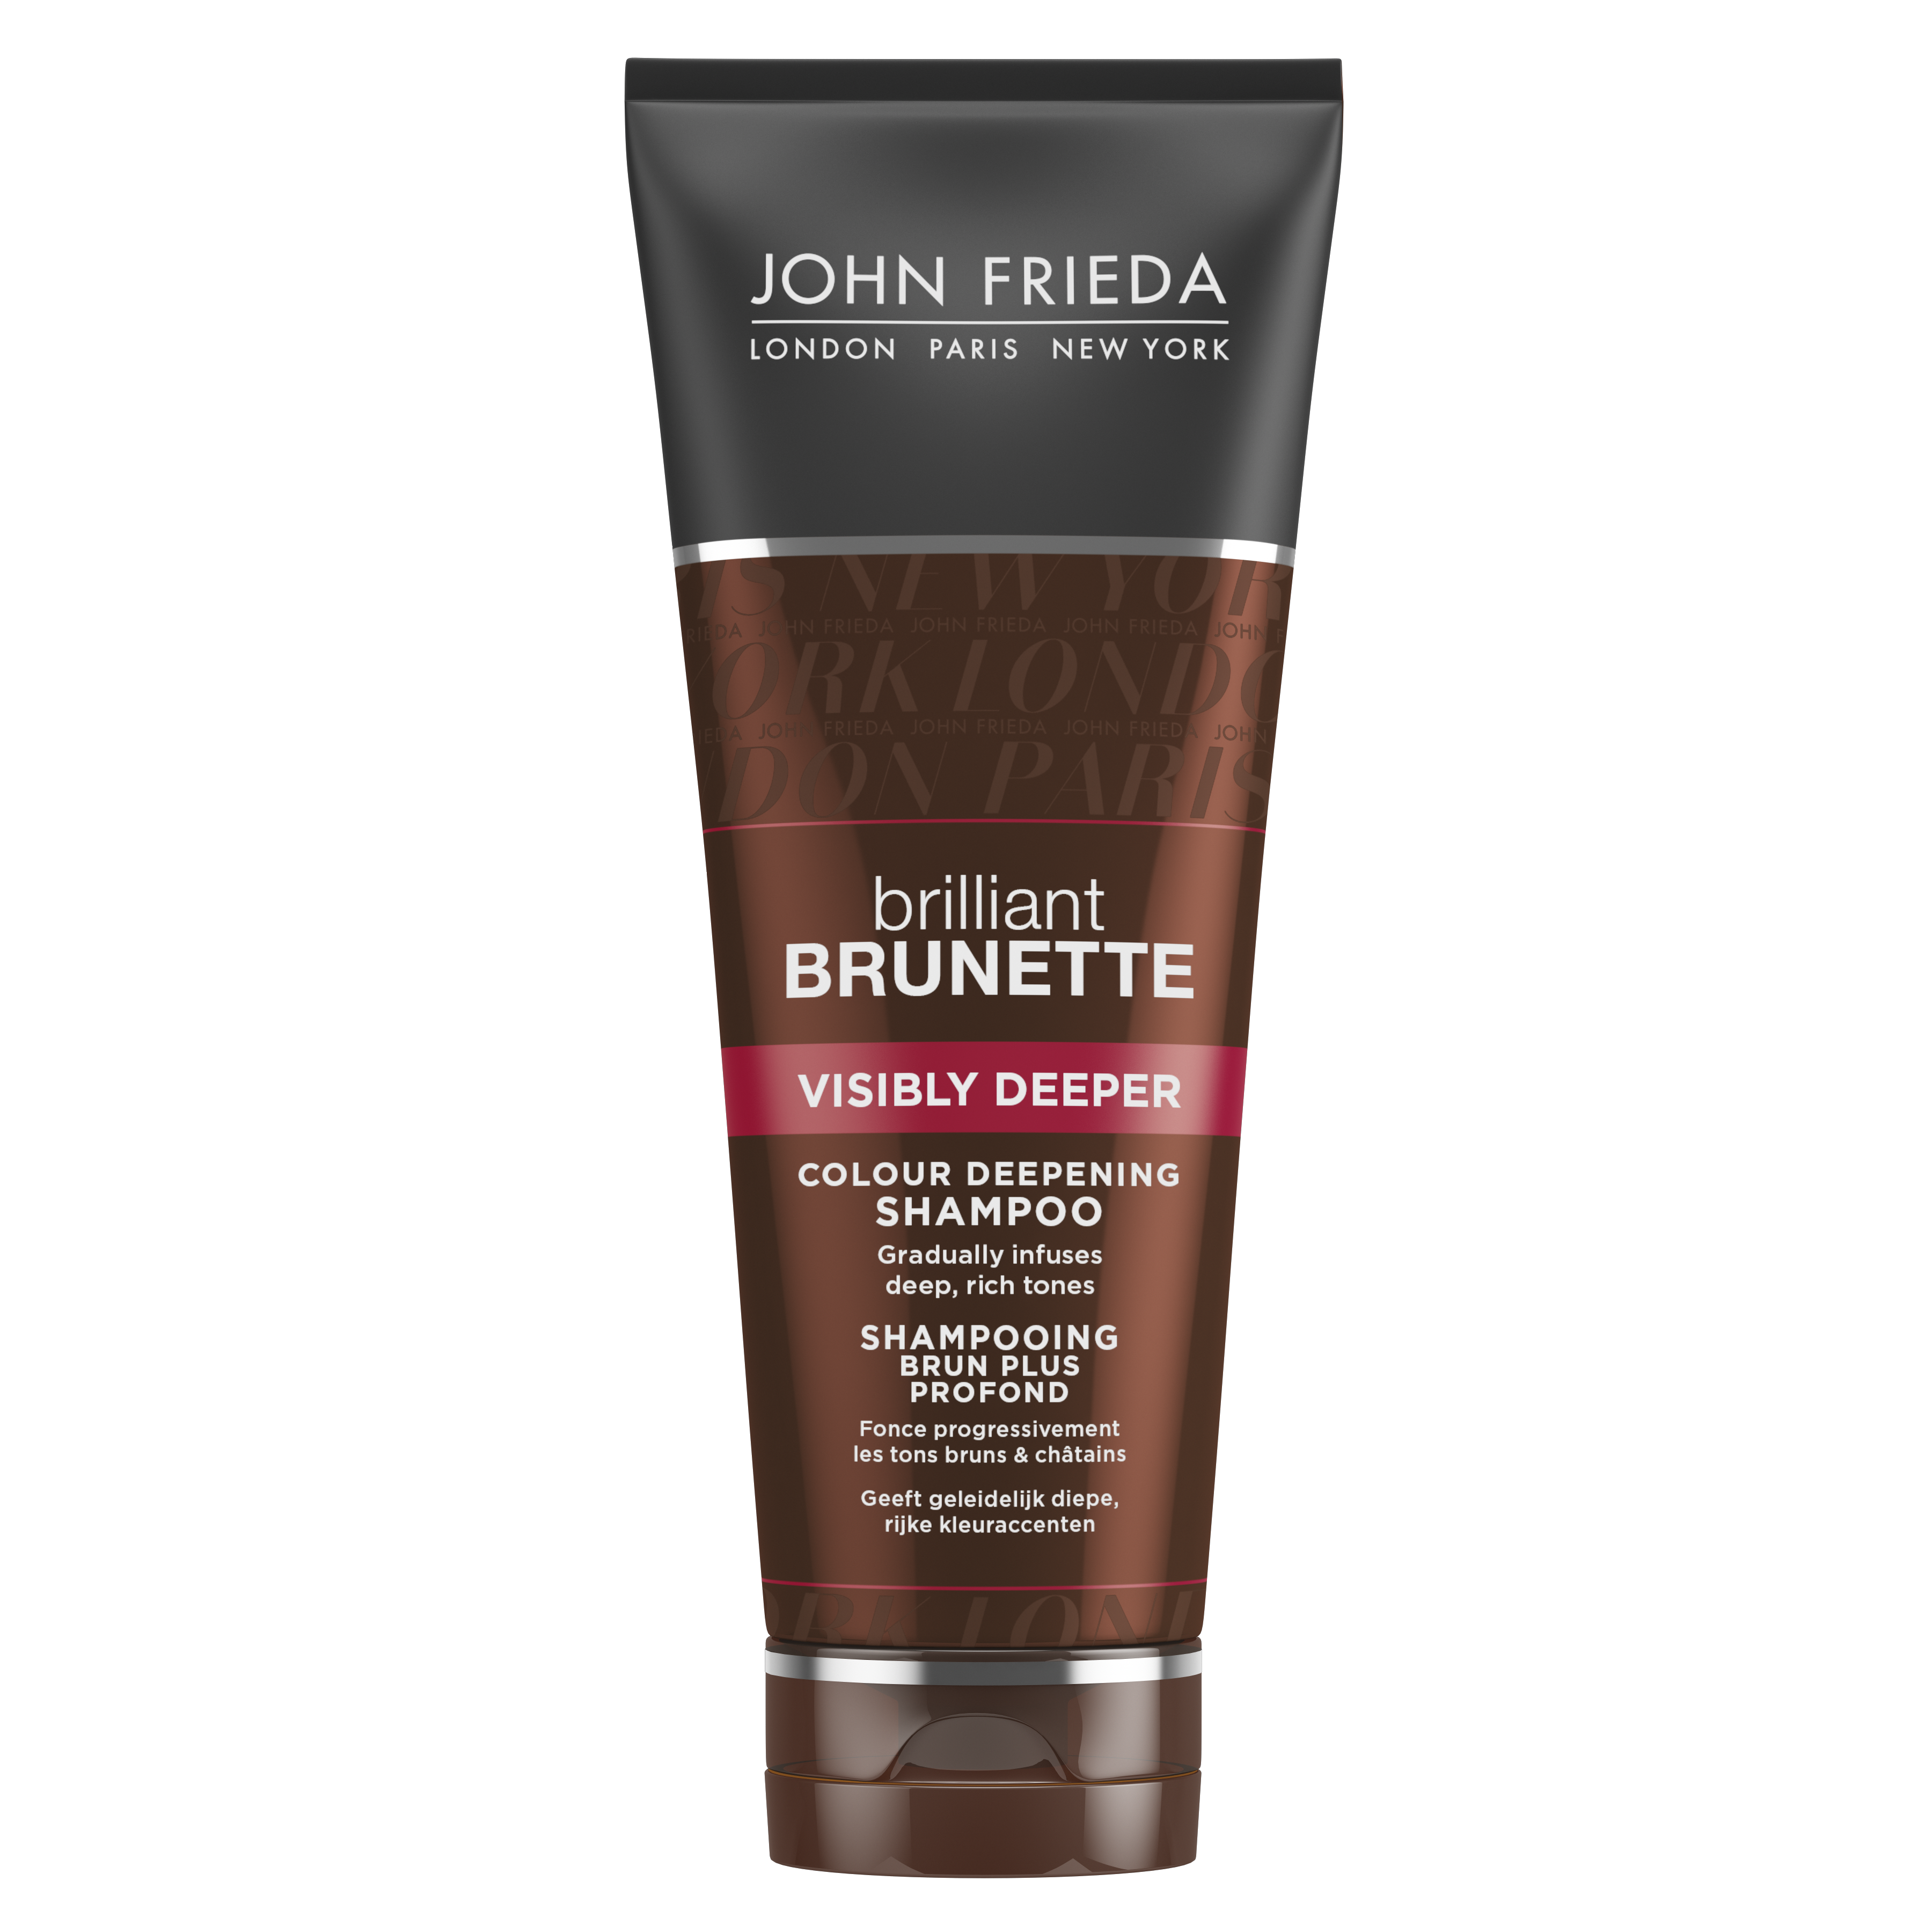 Brilliant Brunette Visibly Deeper shampoo